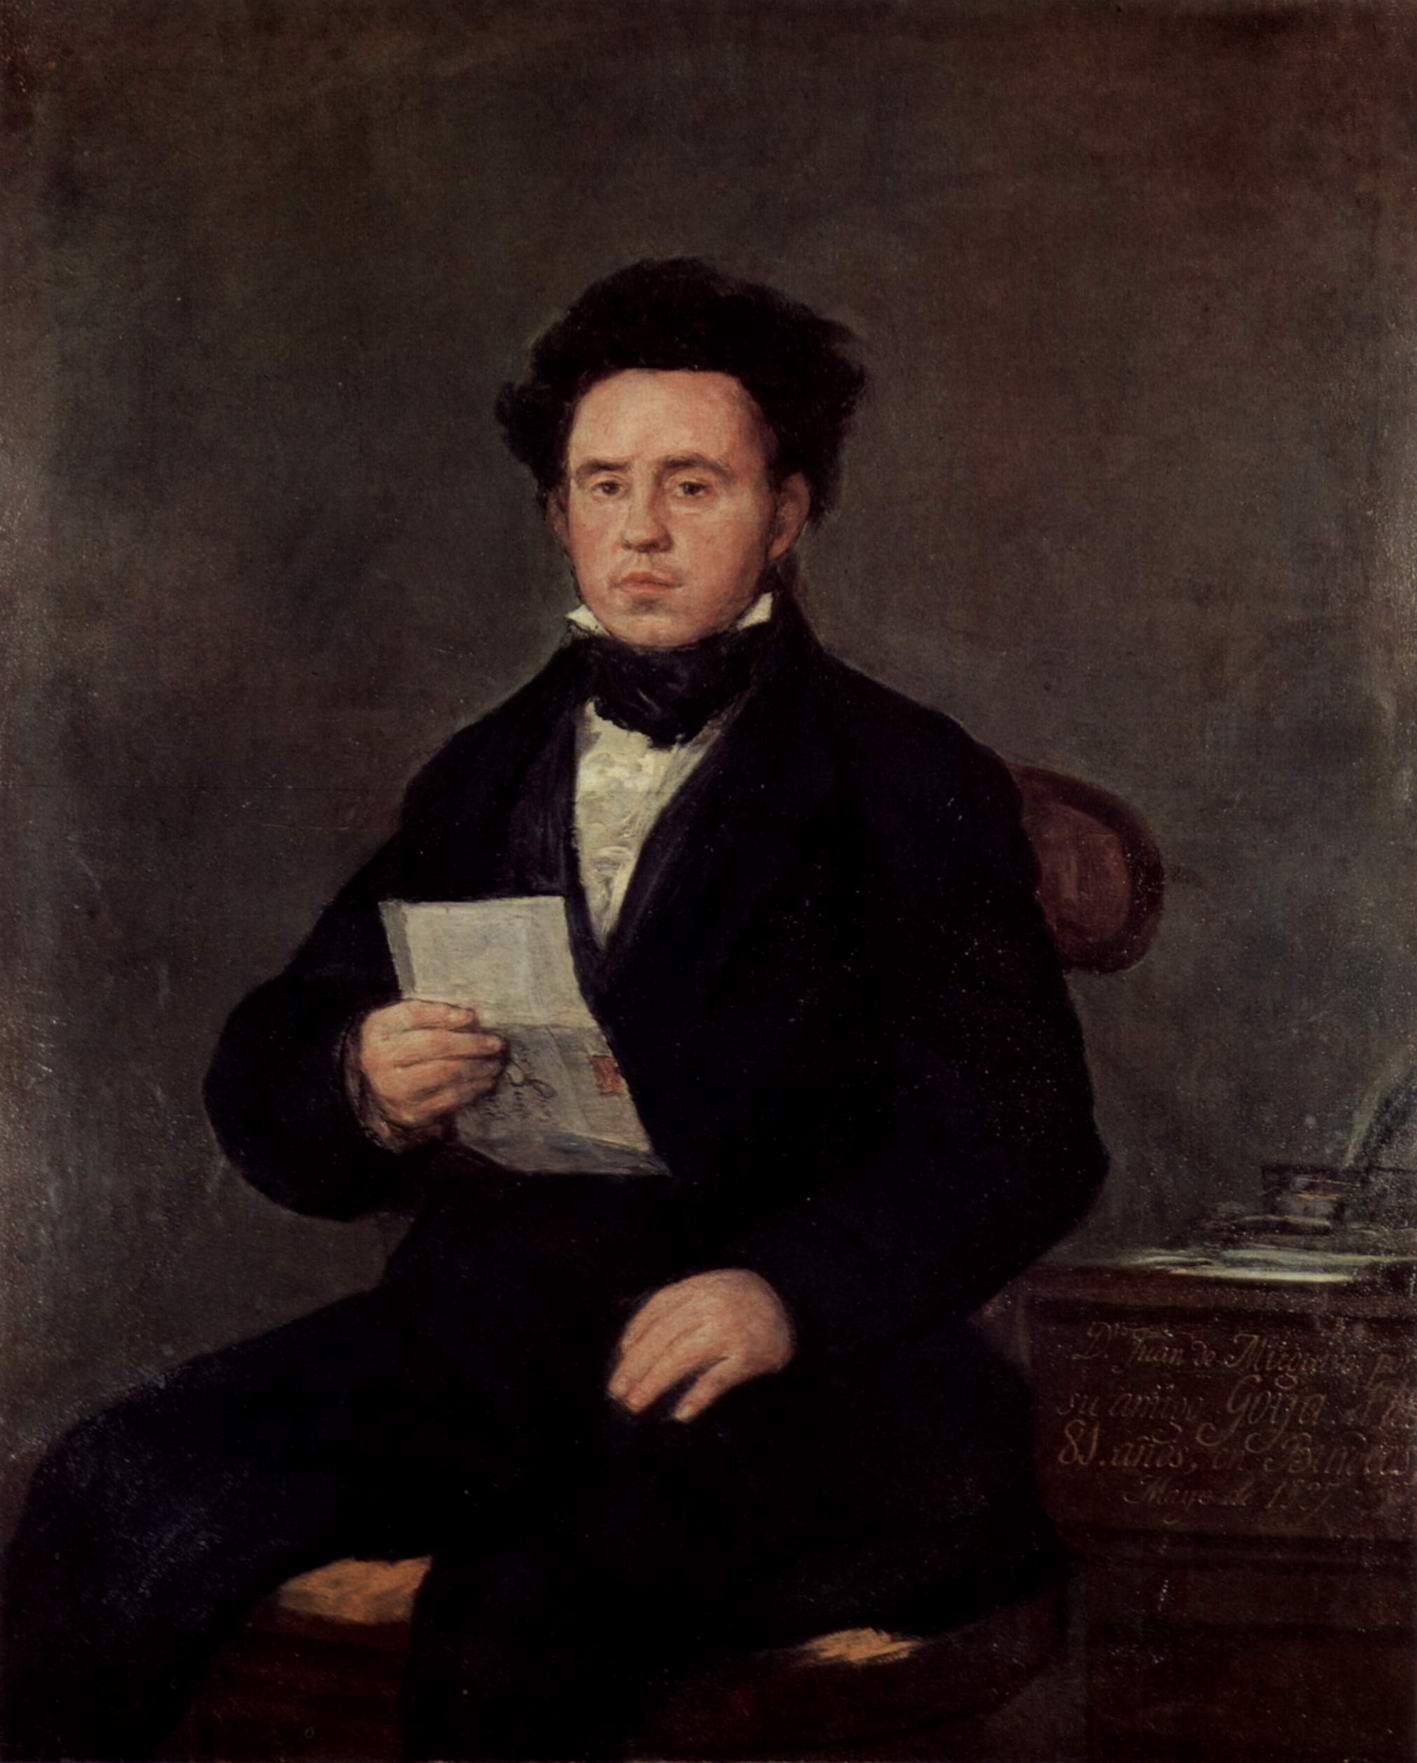 Портрет Хуана Баутисты де Мугиро, Франсиско де Гойя-и-Лусьентес